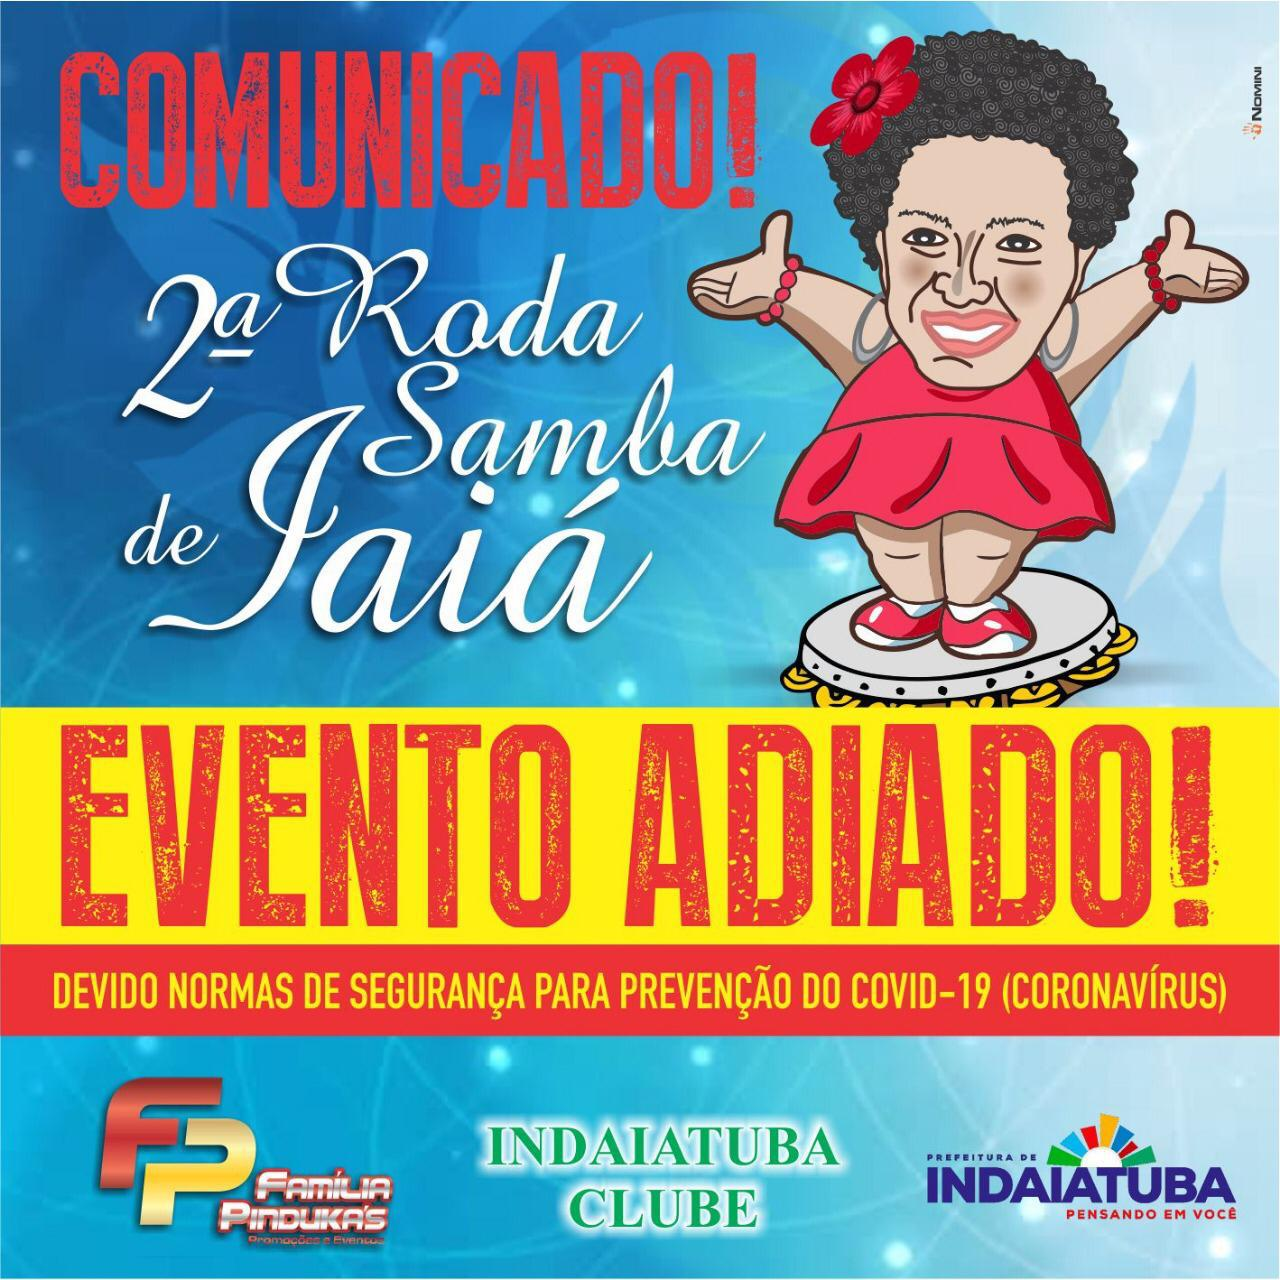 Fundo de Quintal e Leci Brandão - 21/03/20 - Indaiatuba - SP